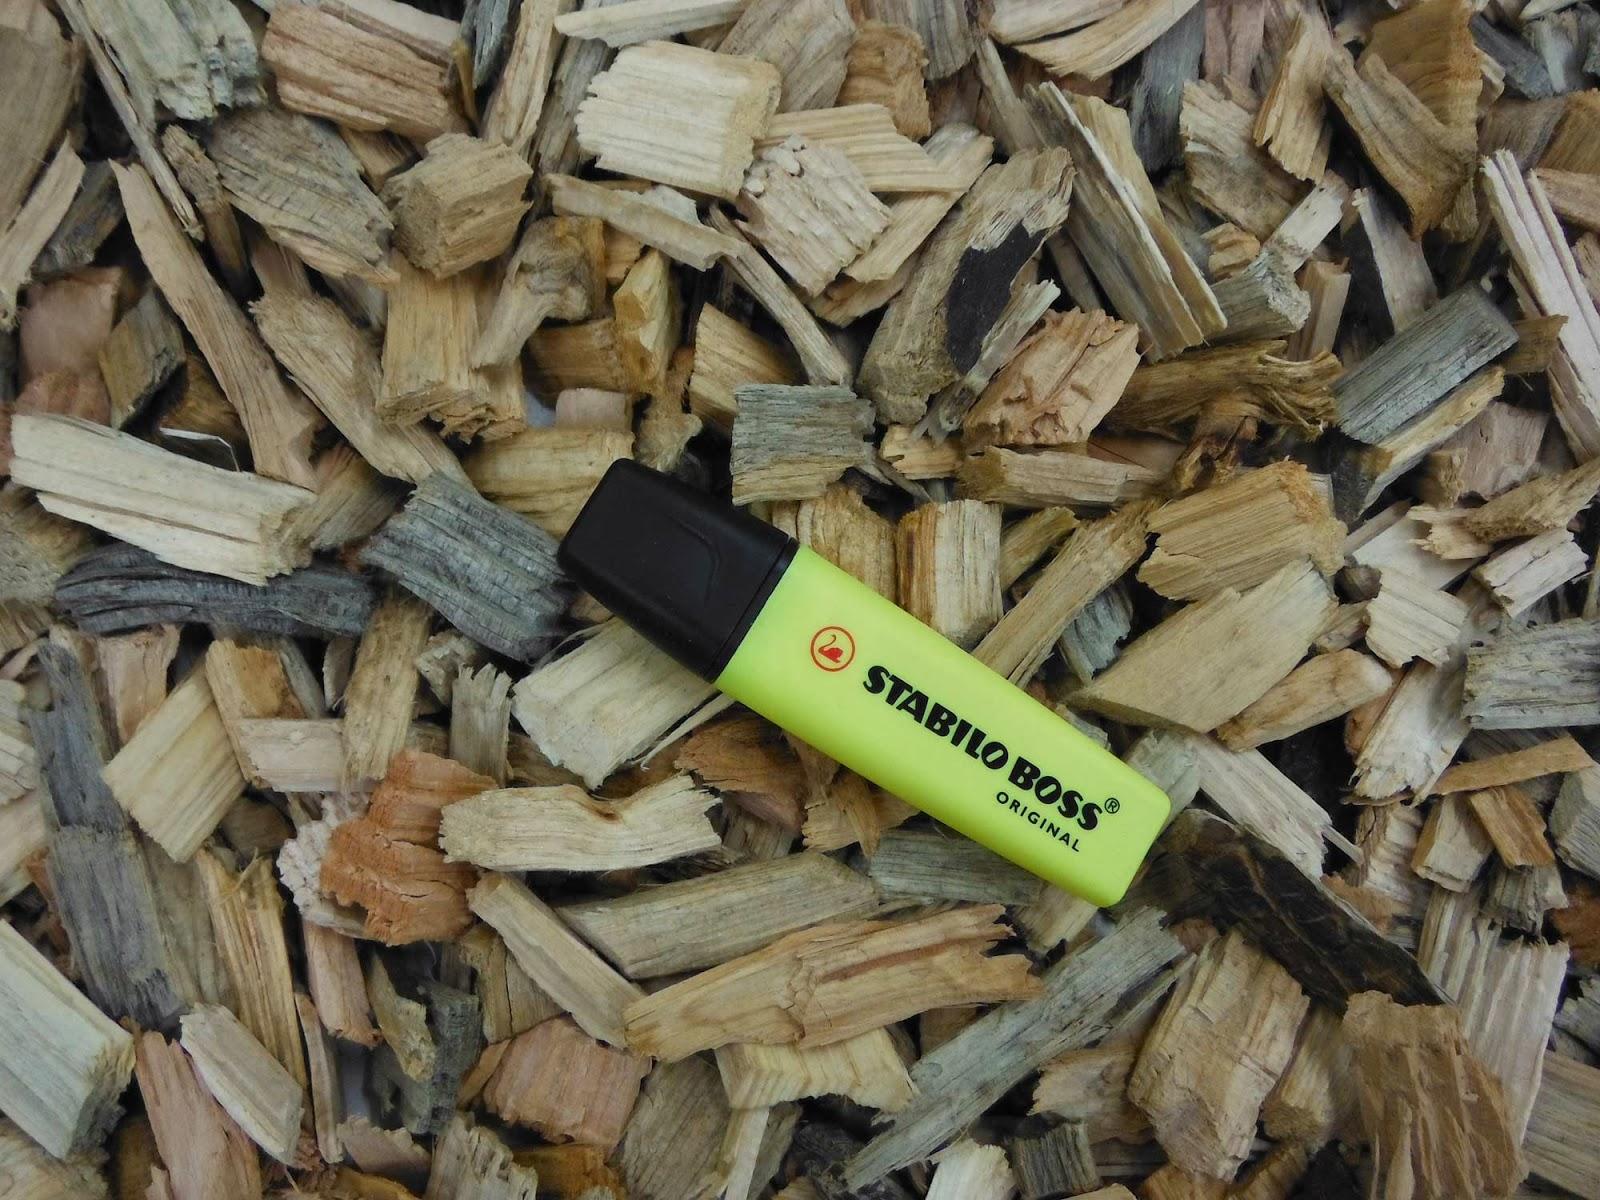 Astillas de madera astillas de madera seg n normativa for Astillas de madera para jardin